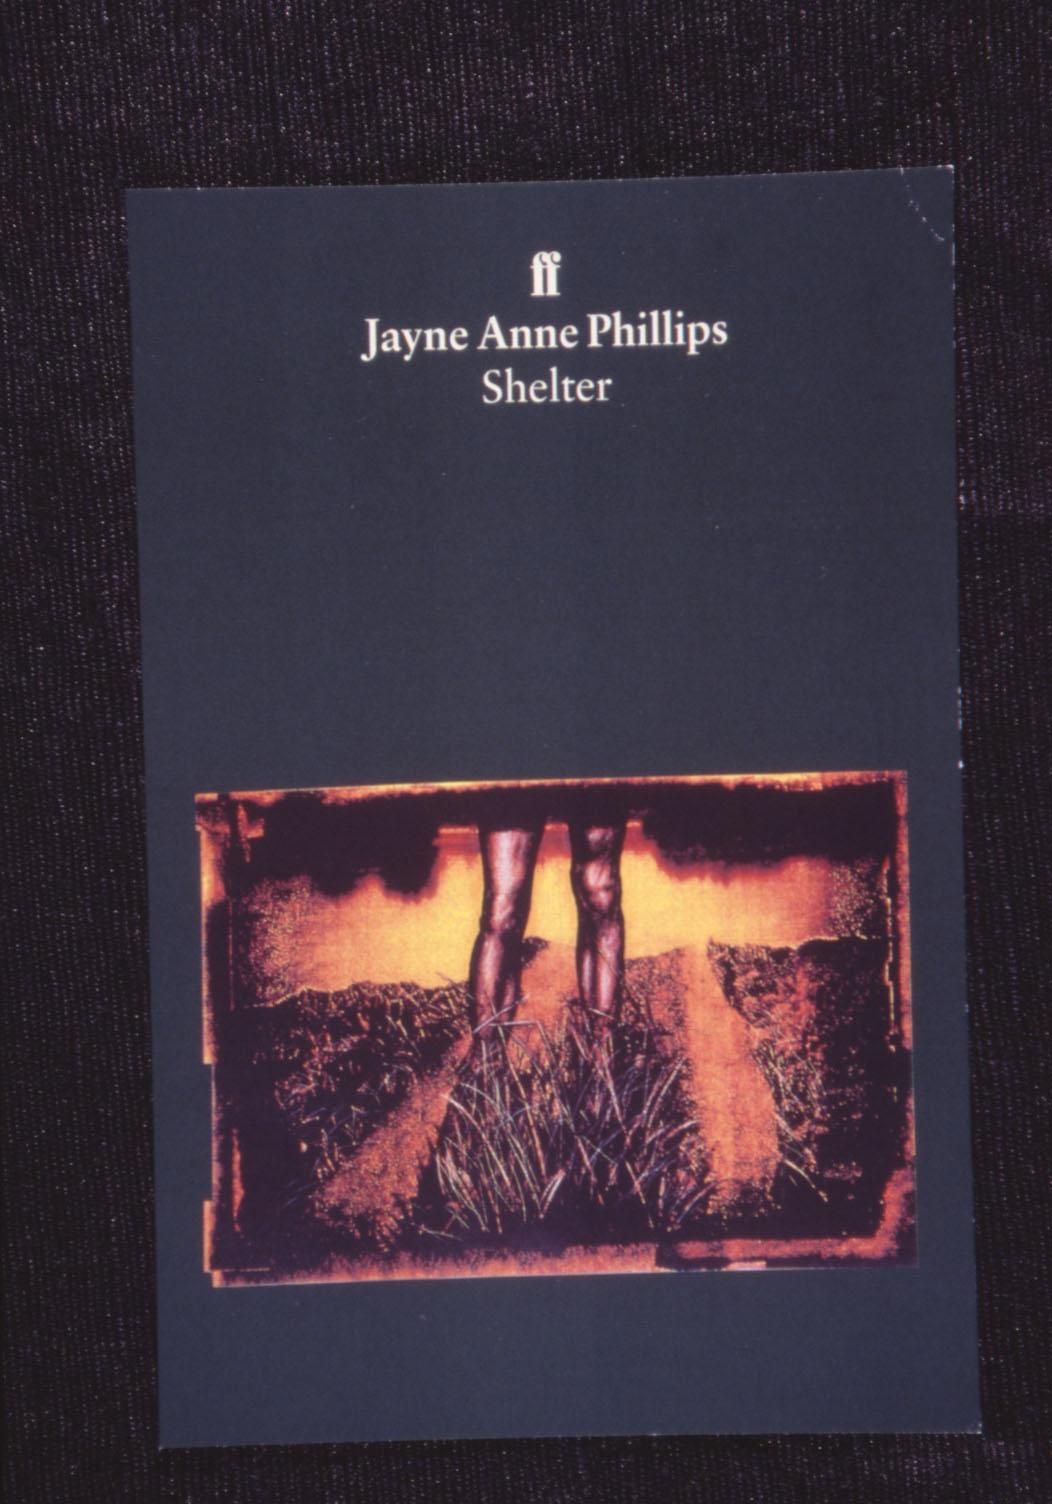 Jayne_Anne_Phillips_Shelter